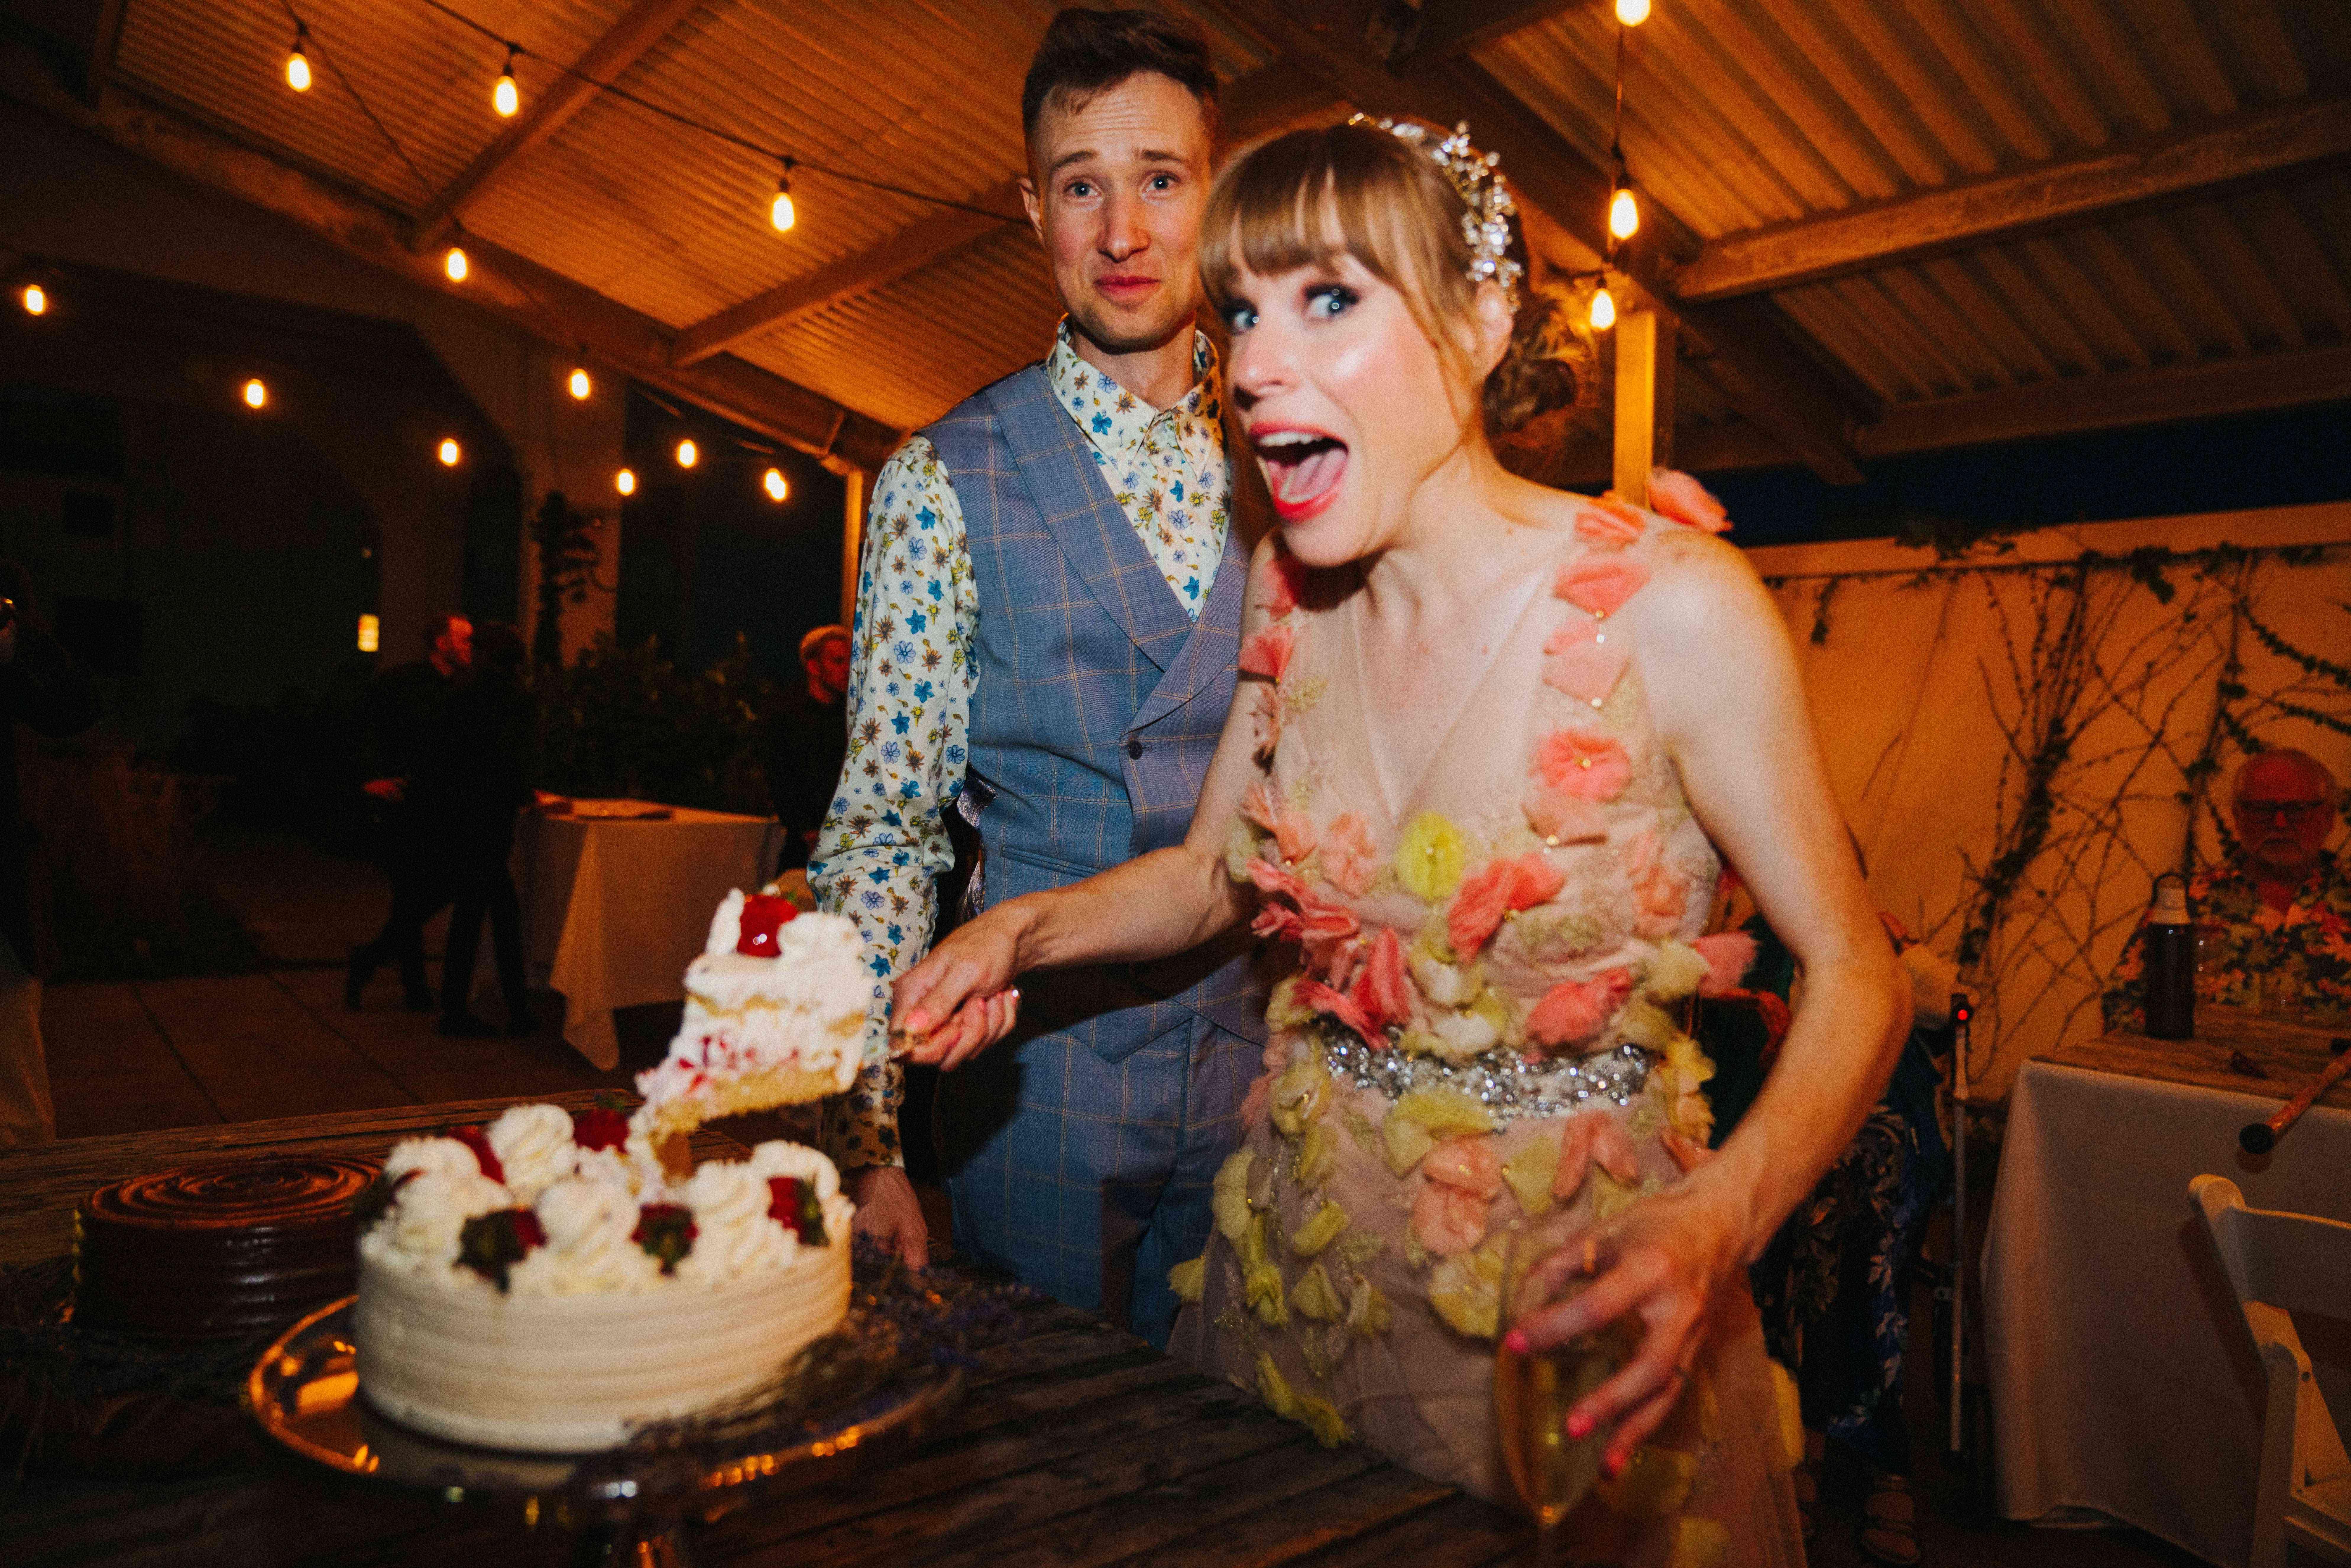 emma myles wedding cake cutting